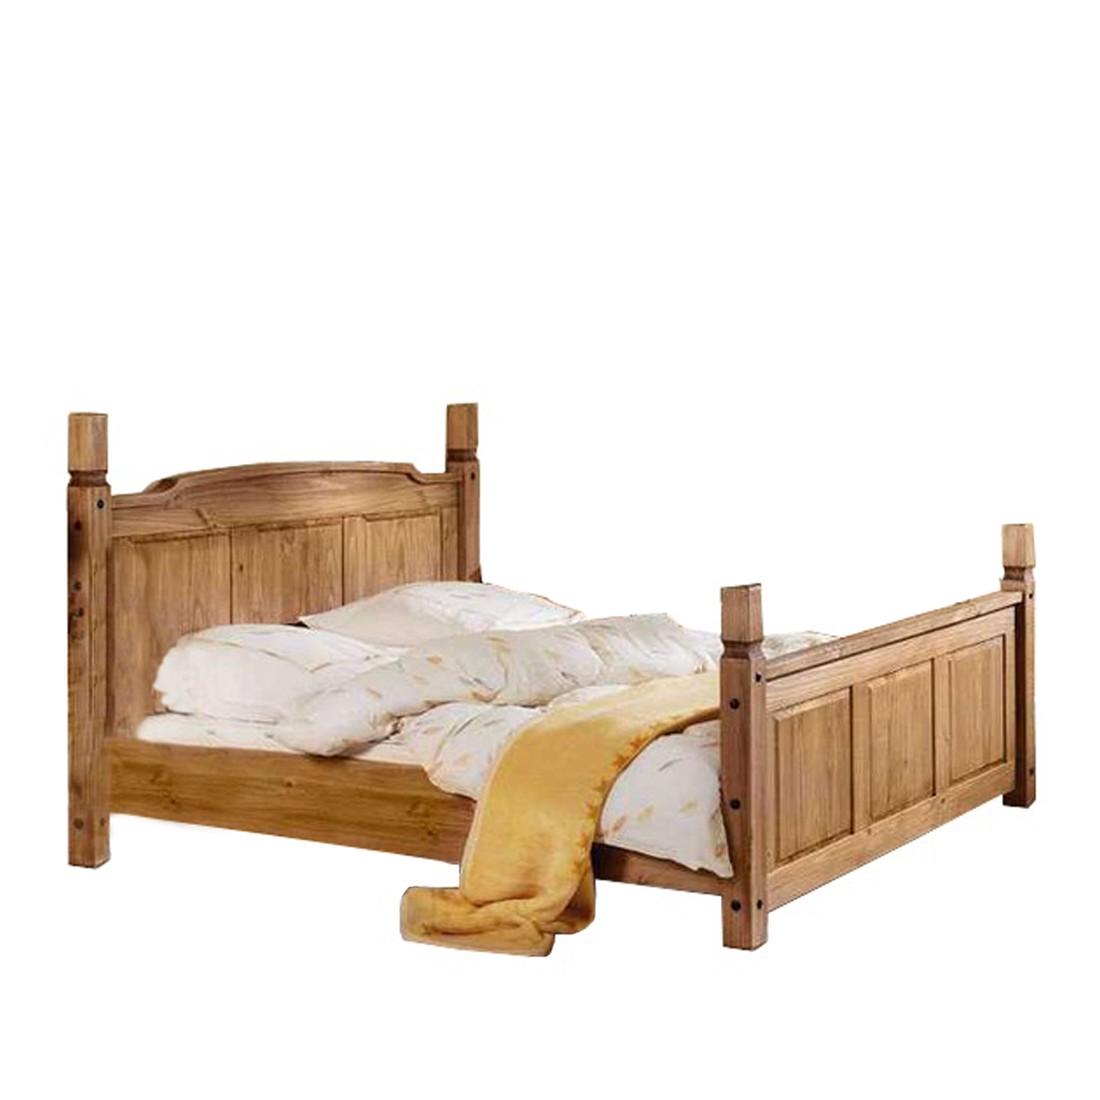 betten landhausstil antik unterschiedliche betten im landhausstil ratgeber bescheiden betten. Black Bedroom Furniture Sets. Home Design Ideas